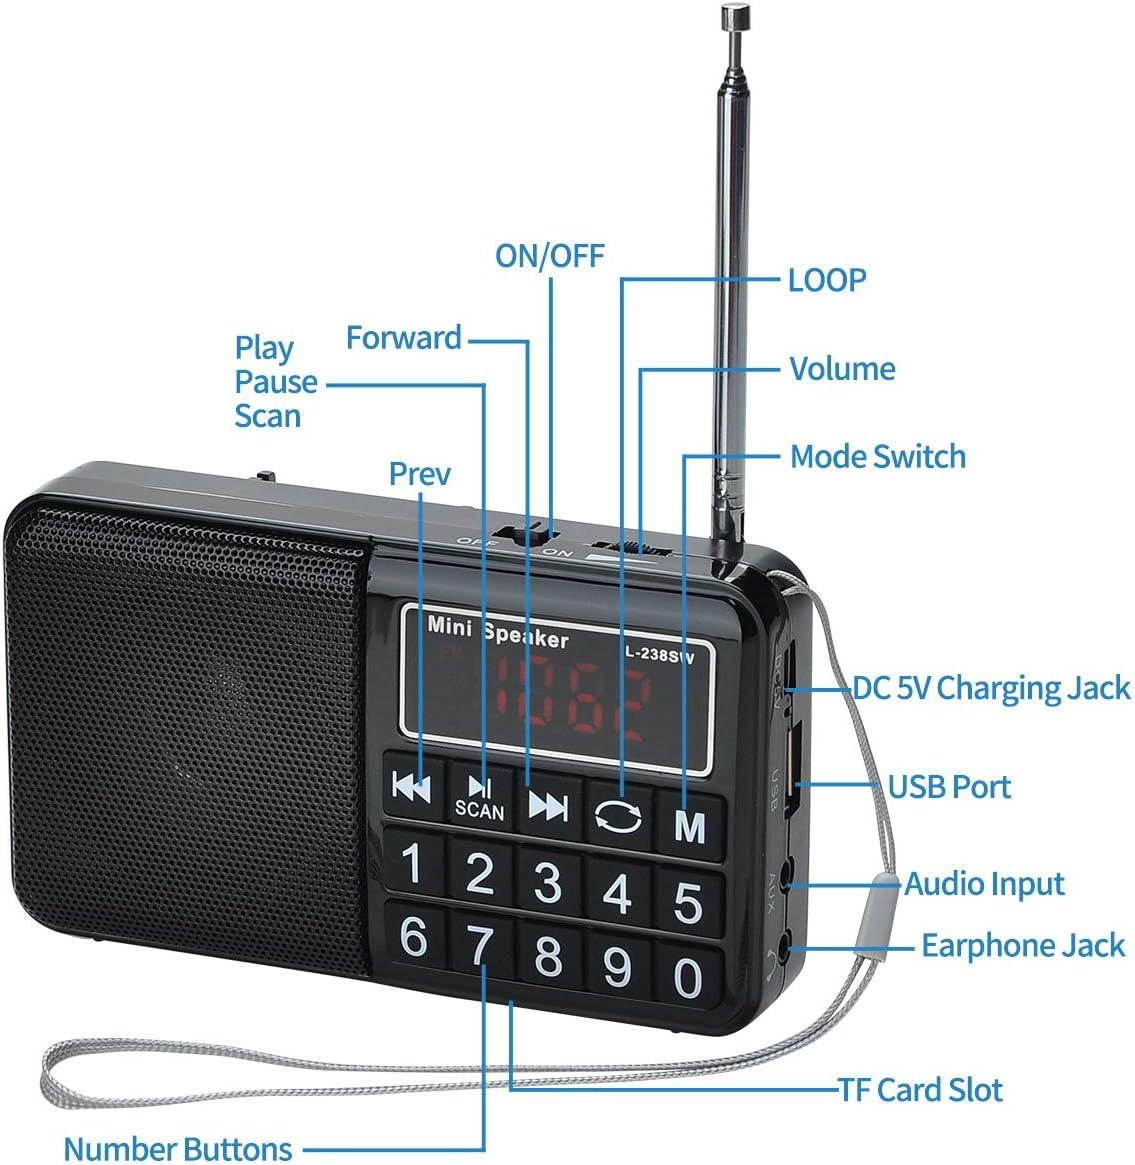 COVVY Radio SW/FM/Am portátil Conecte la Unidad Flash USB/Tarjeta TF/AUX para Reproducir MP3, Altavoz Incorporado, escaneo automático y almacenar el ...